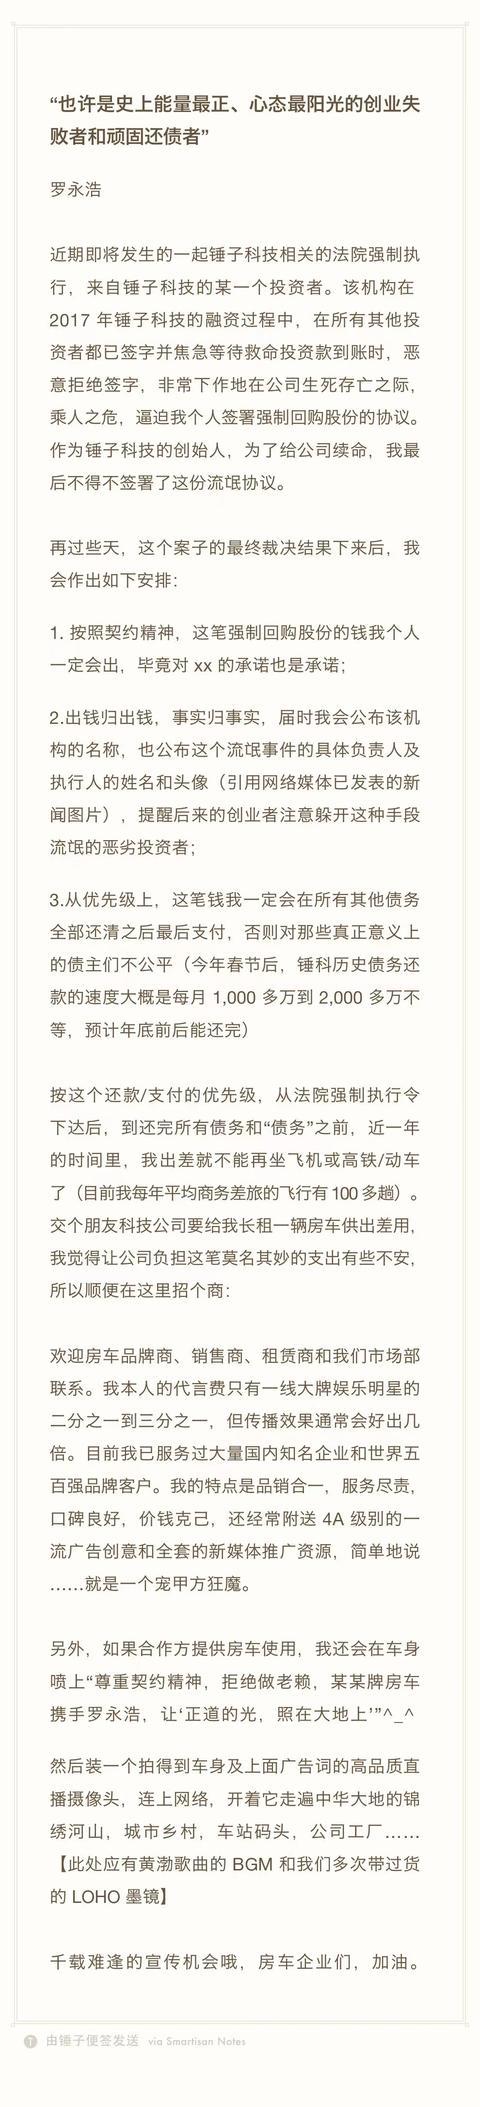 罗永浩再回应被执行:生死之际被逼签流氓协议,目前每月还2000万 全球新闻风头榜 第1张